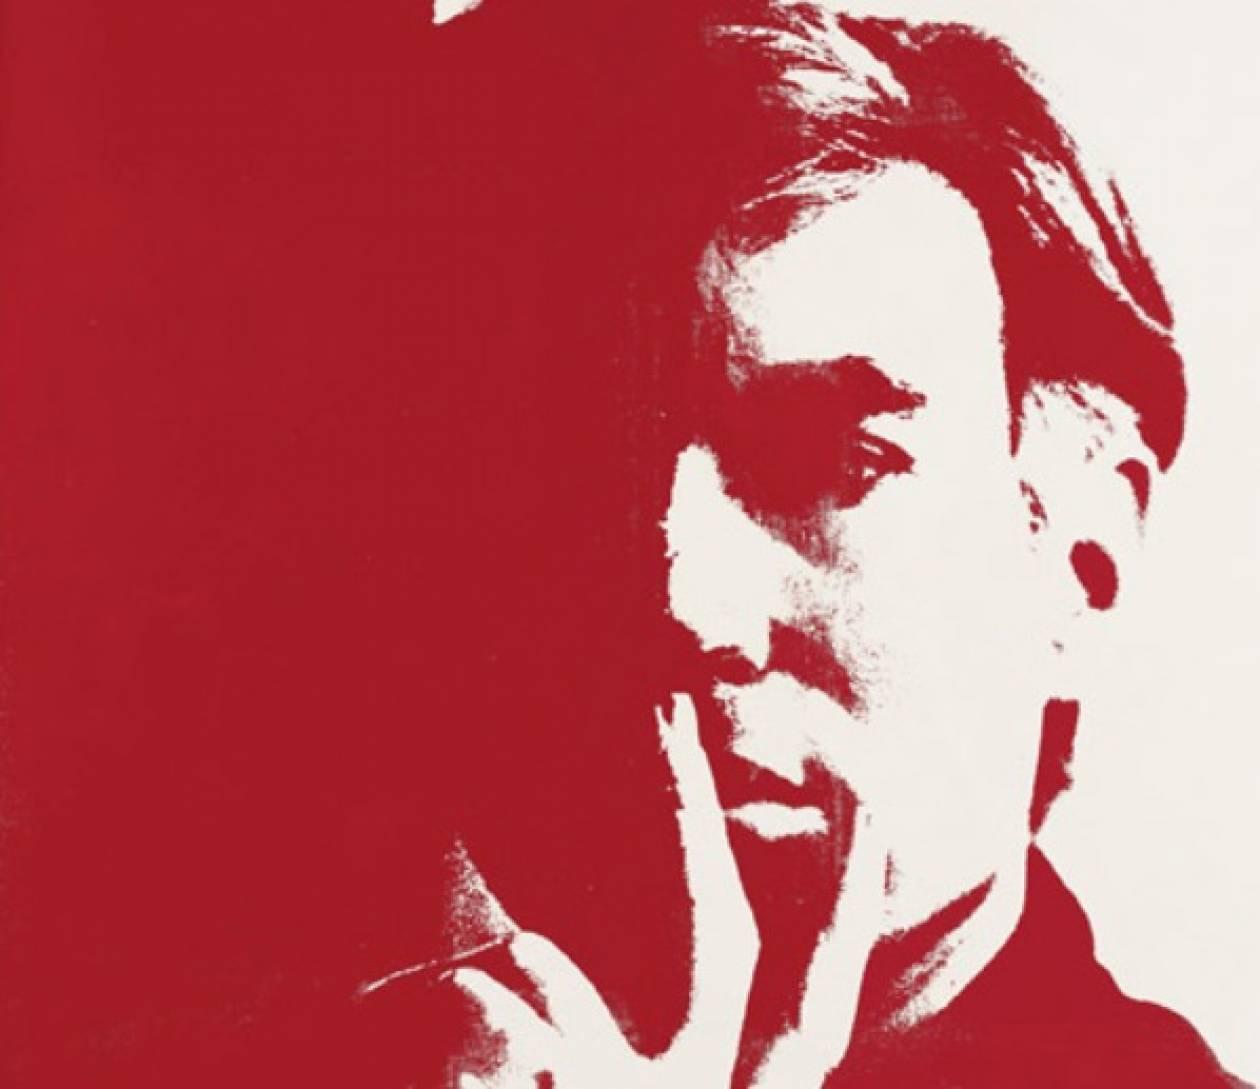 «Χτύπησε» κόκκινο σε δημοπρασία αυτοπροσωπογραφία του Αντι Ουόρχολ